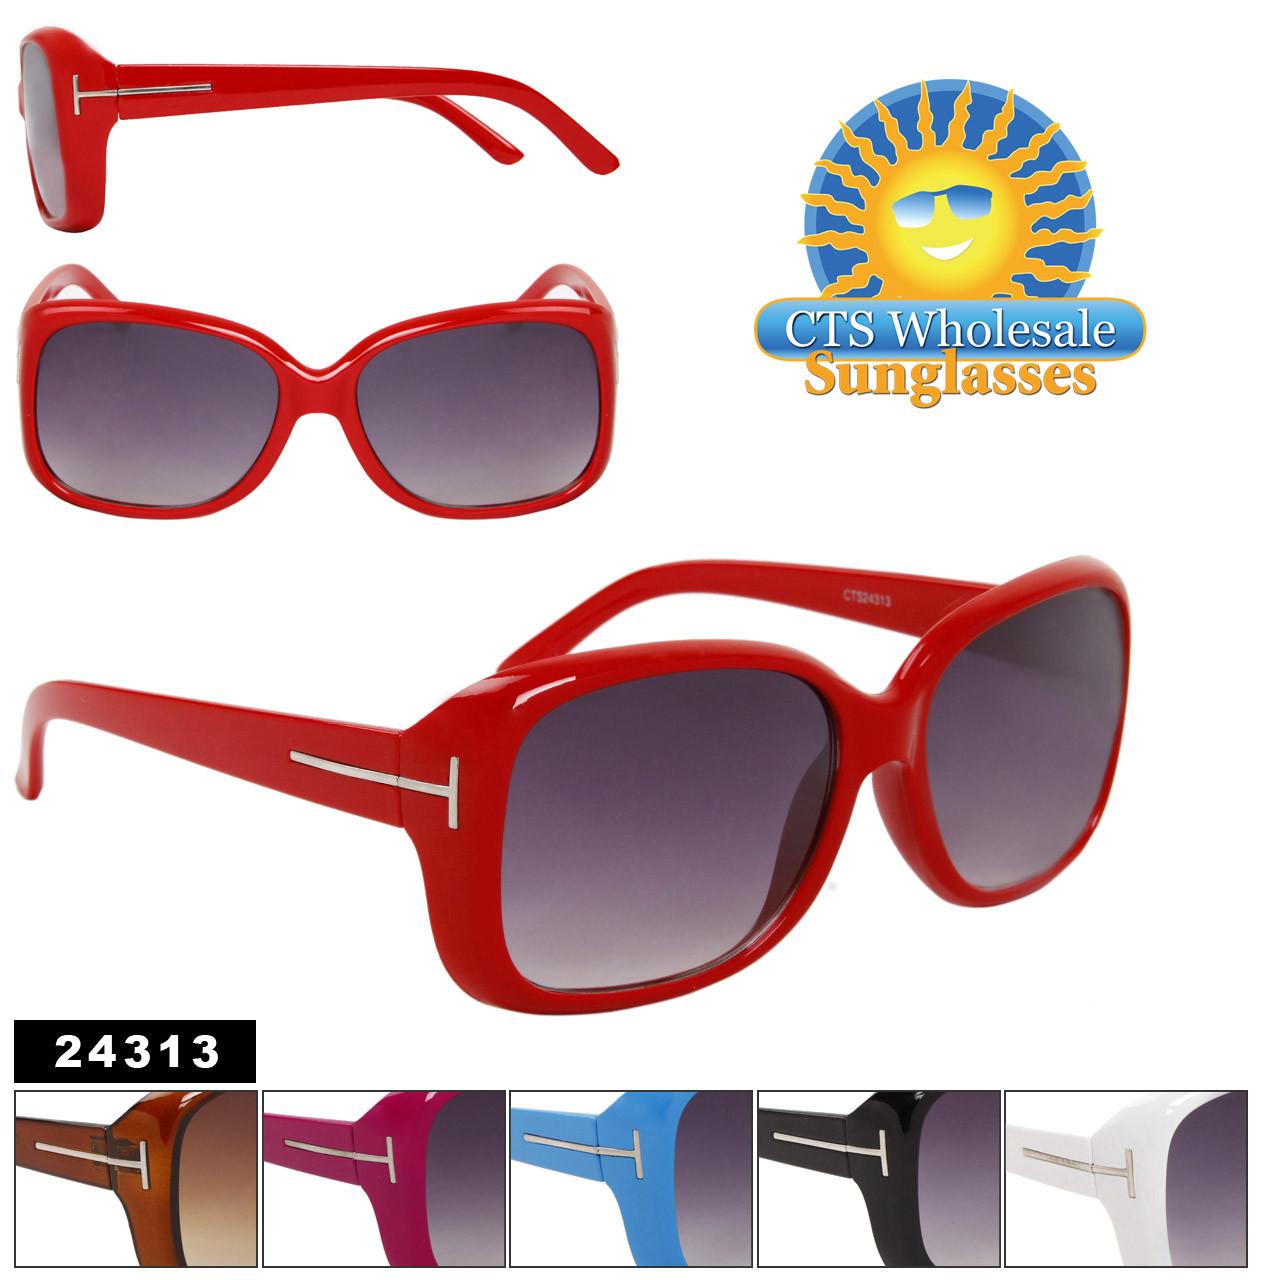 Wholesale Sunglasses 24313 (Assorted Colors) (12 pcs.)